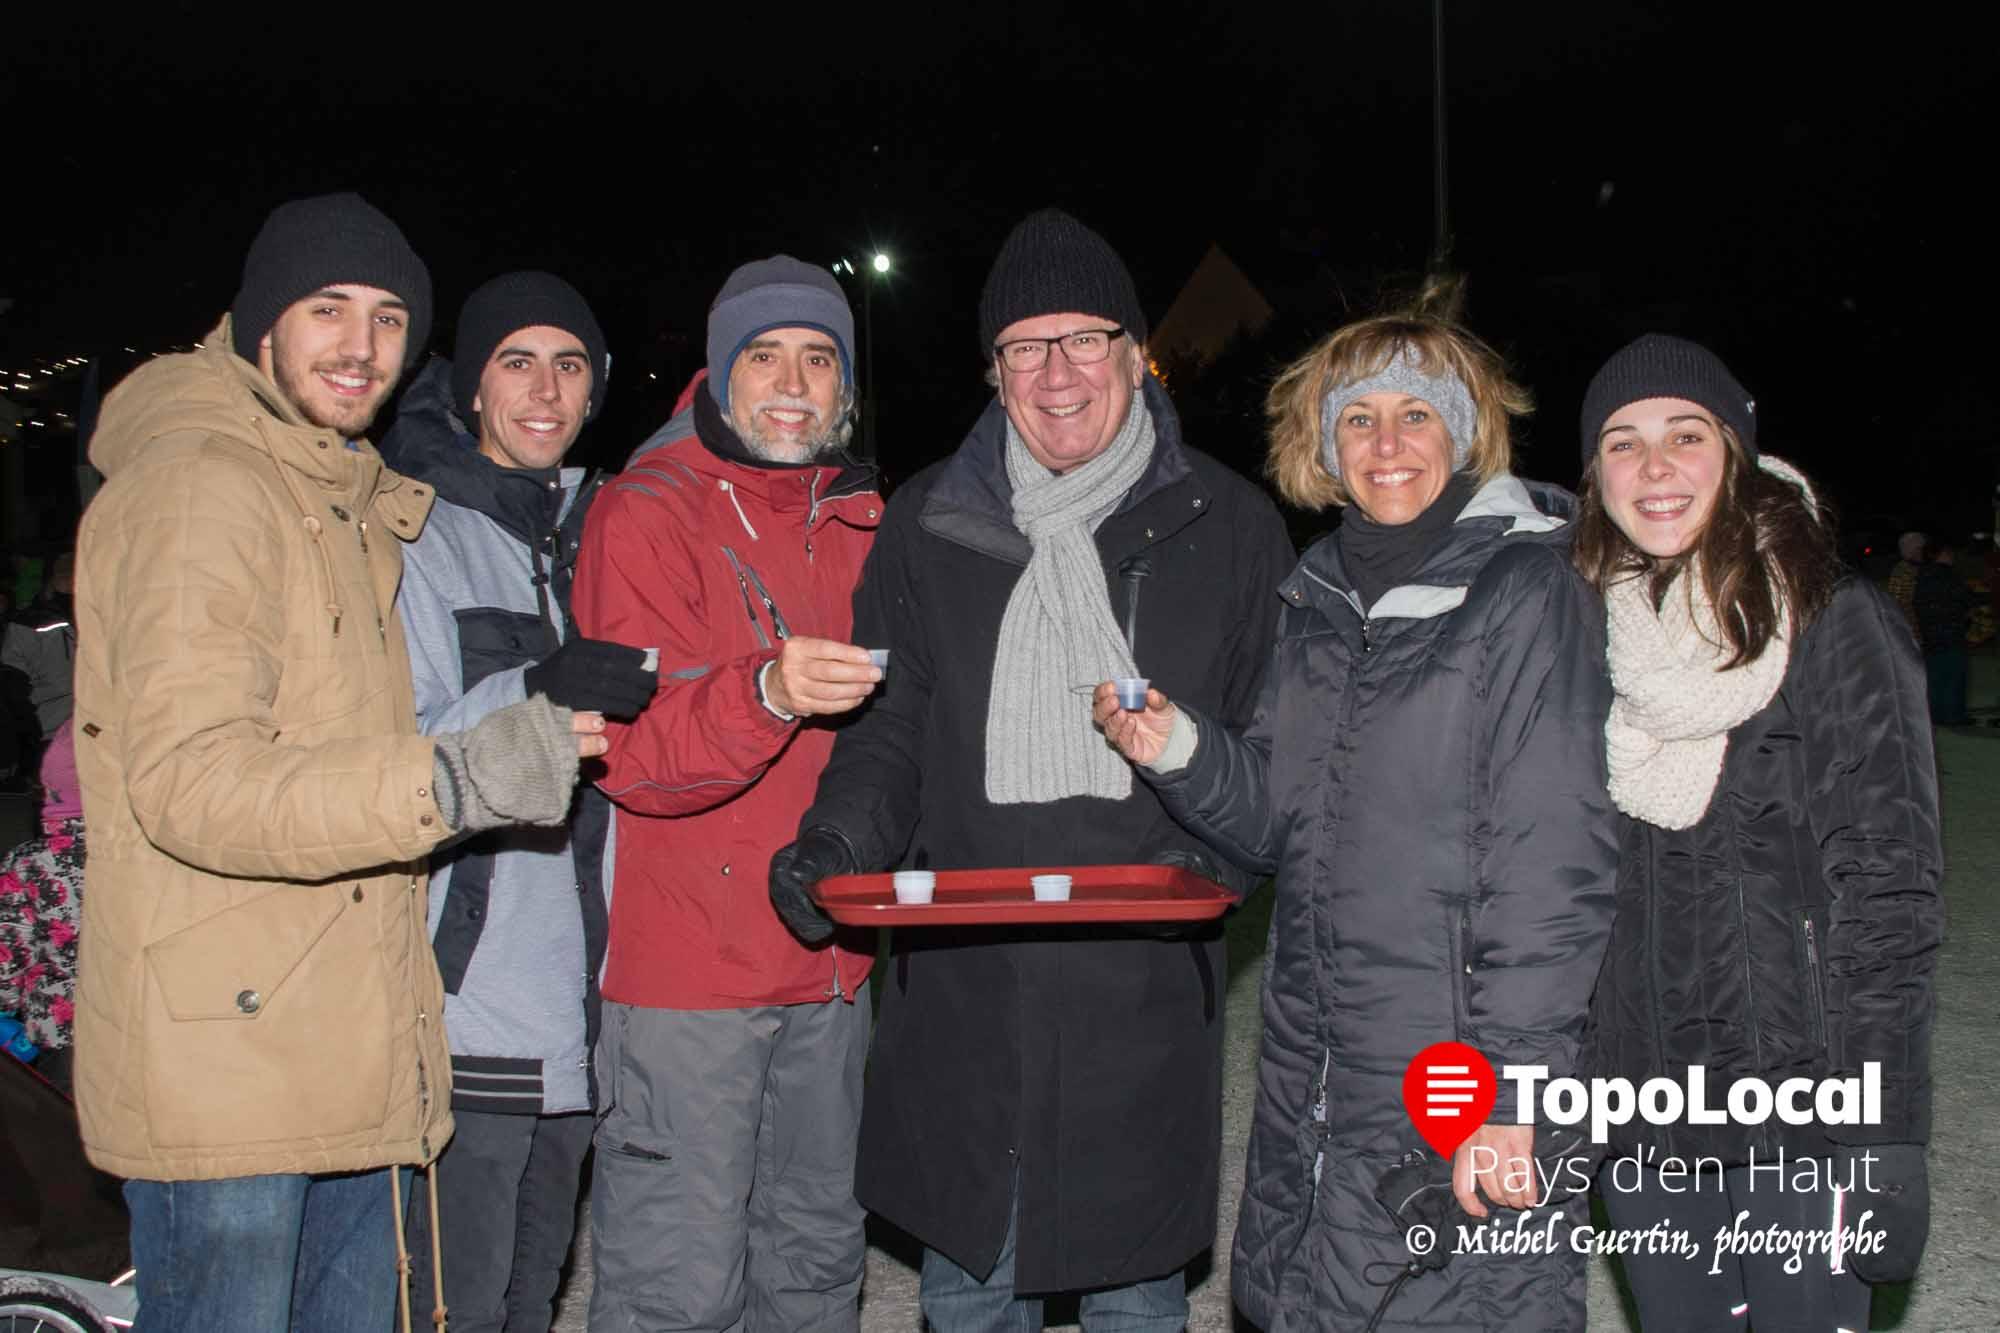 Après le feu d'artifice, c'était le moment du « caribou du maire » . Sur la photo, le maire Jacques Gariépy vient de distribuer ce petit boire à Félix-Antoine, Marc-Olivier et Jean Beaulieu, ainsi qu'à Martine Samson et Ève Marois